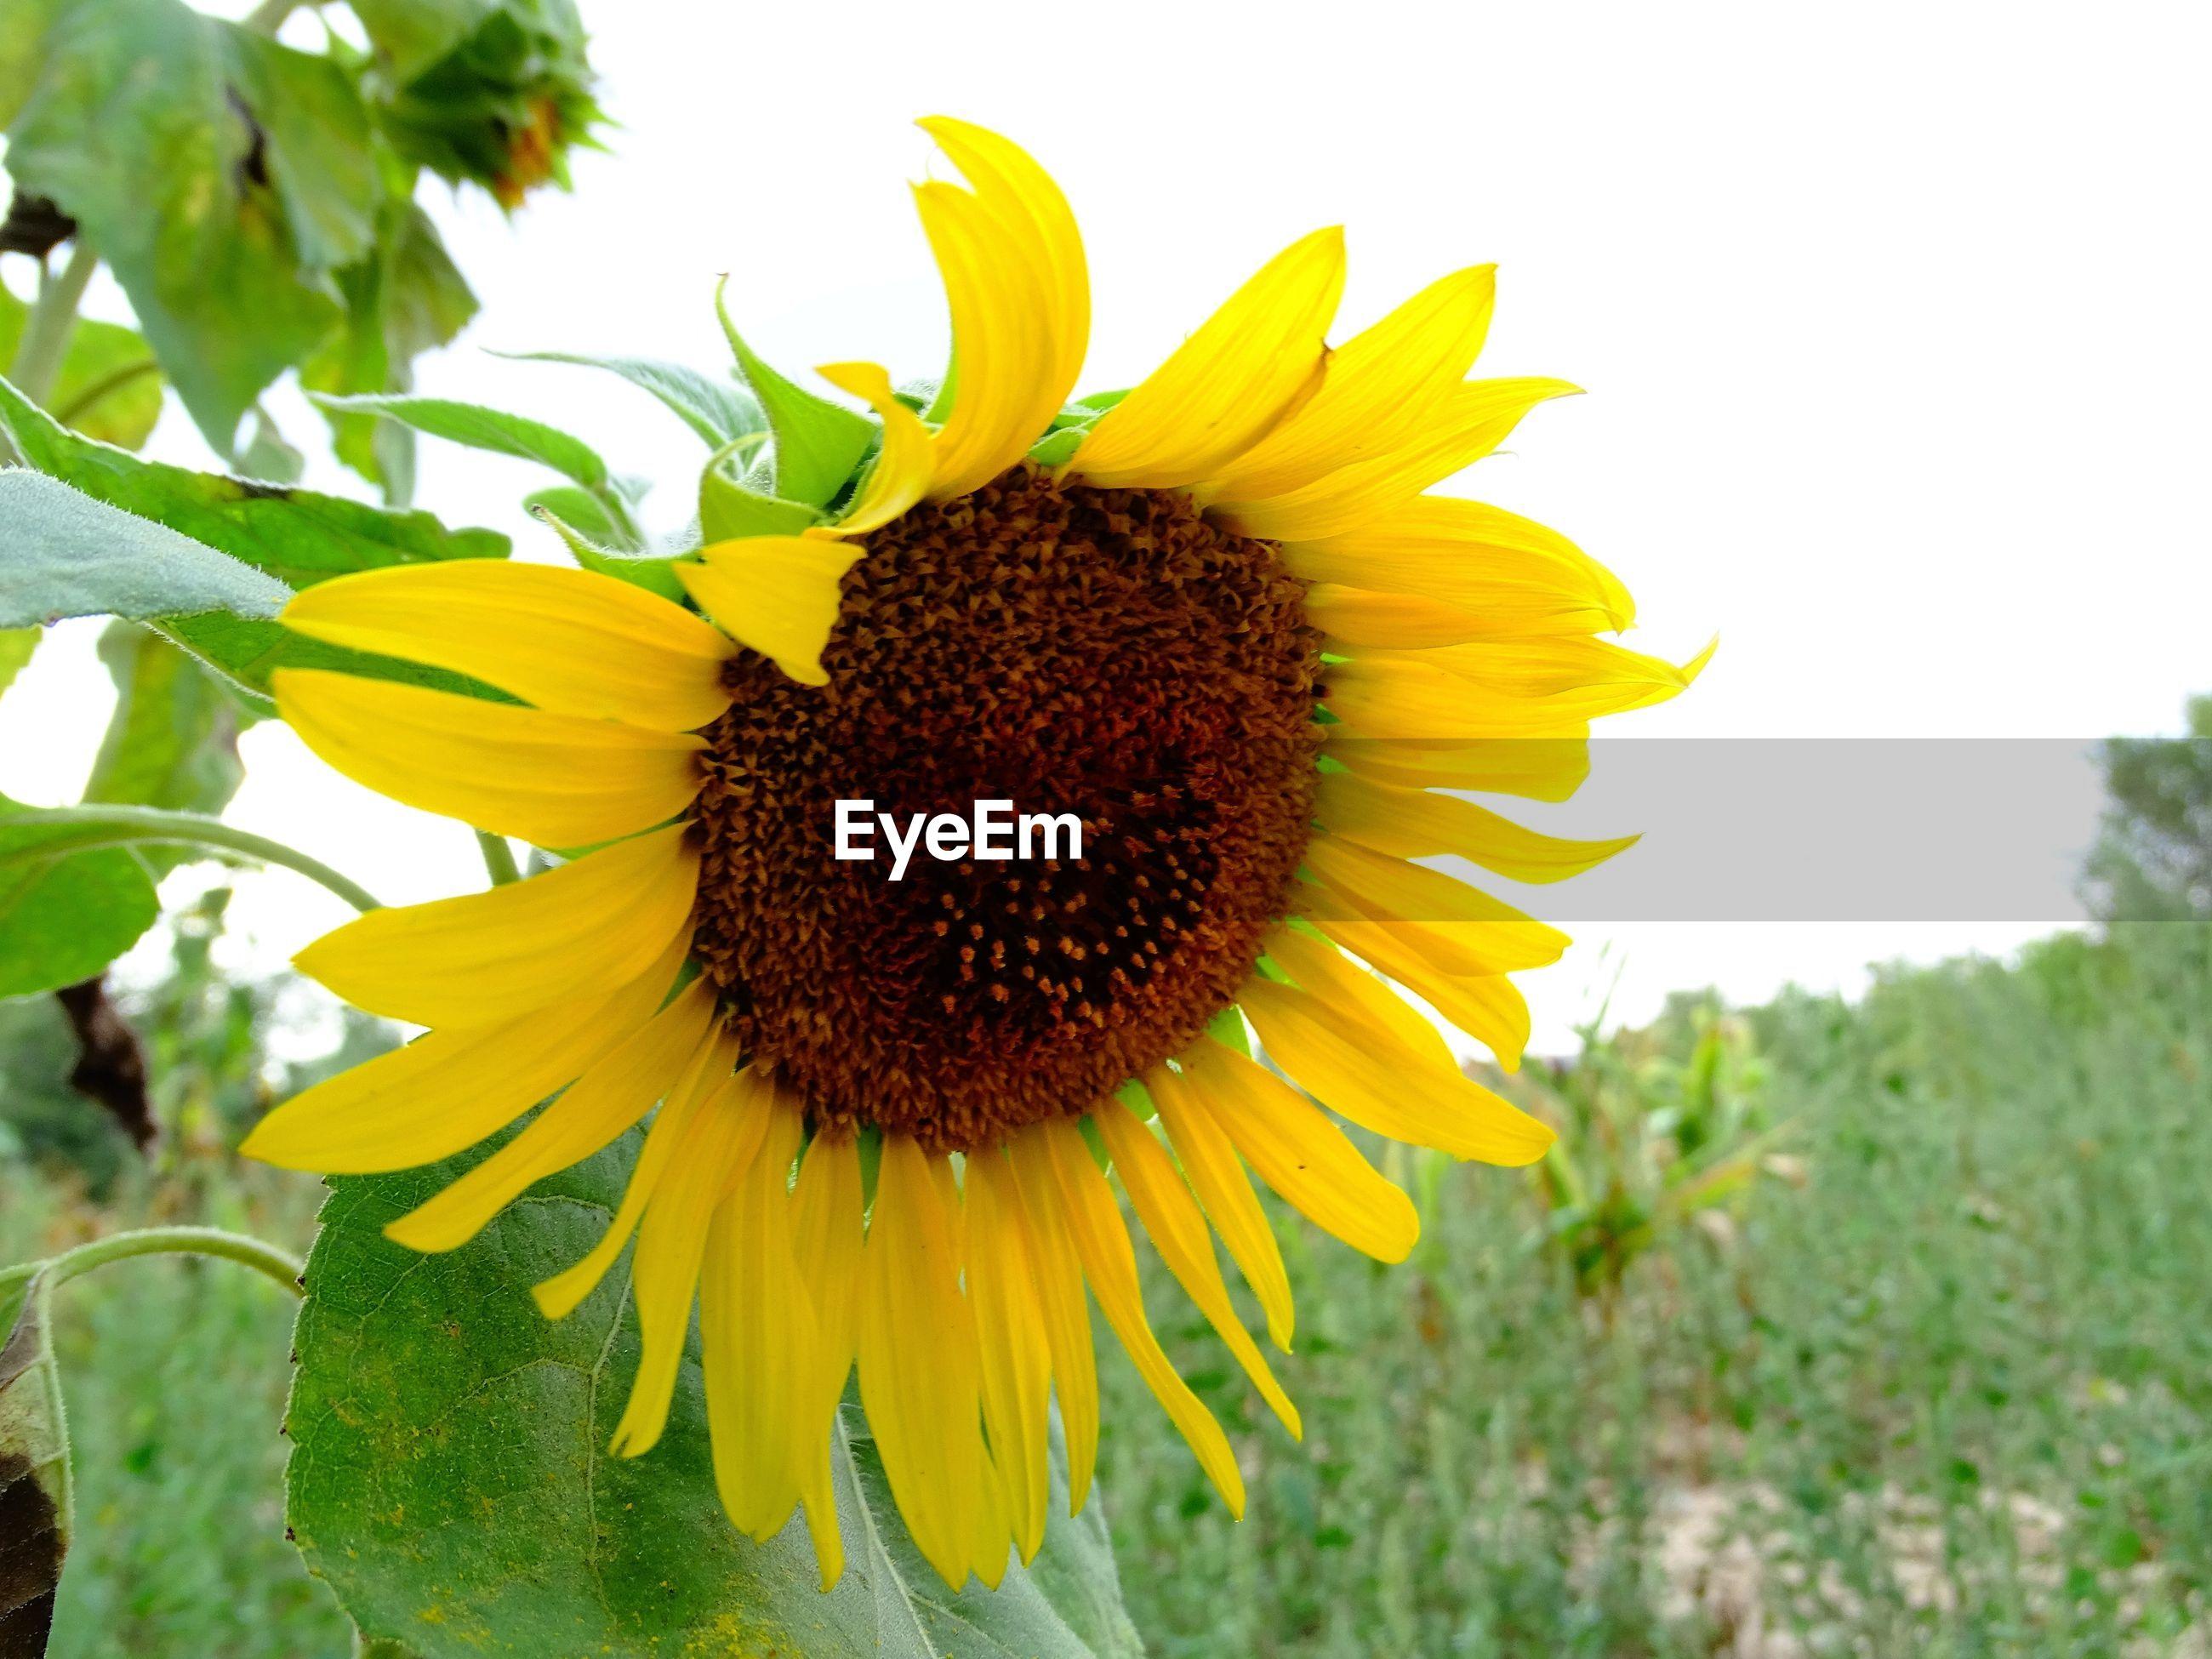 MACRO SHOT OF SUNFLOWER FLOWER